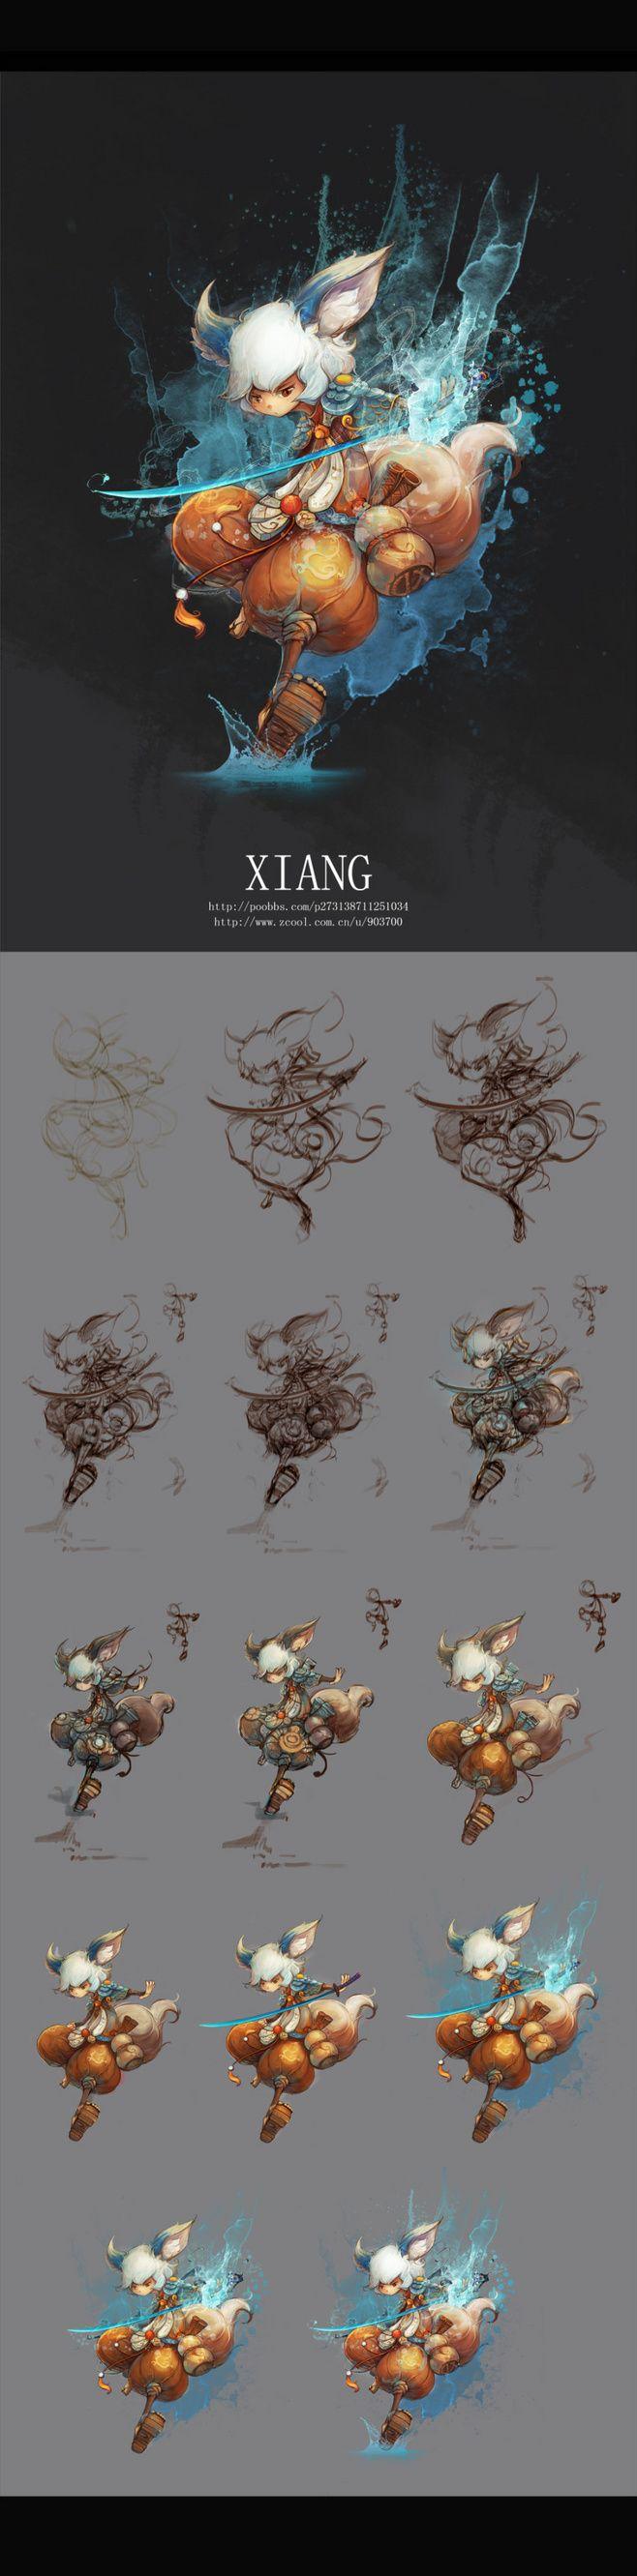 剑士一枚(含过程图) #采集大赛#@EITTO采集到我的艺术版(46图)_花瓣